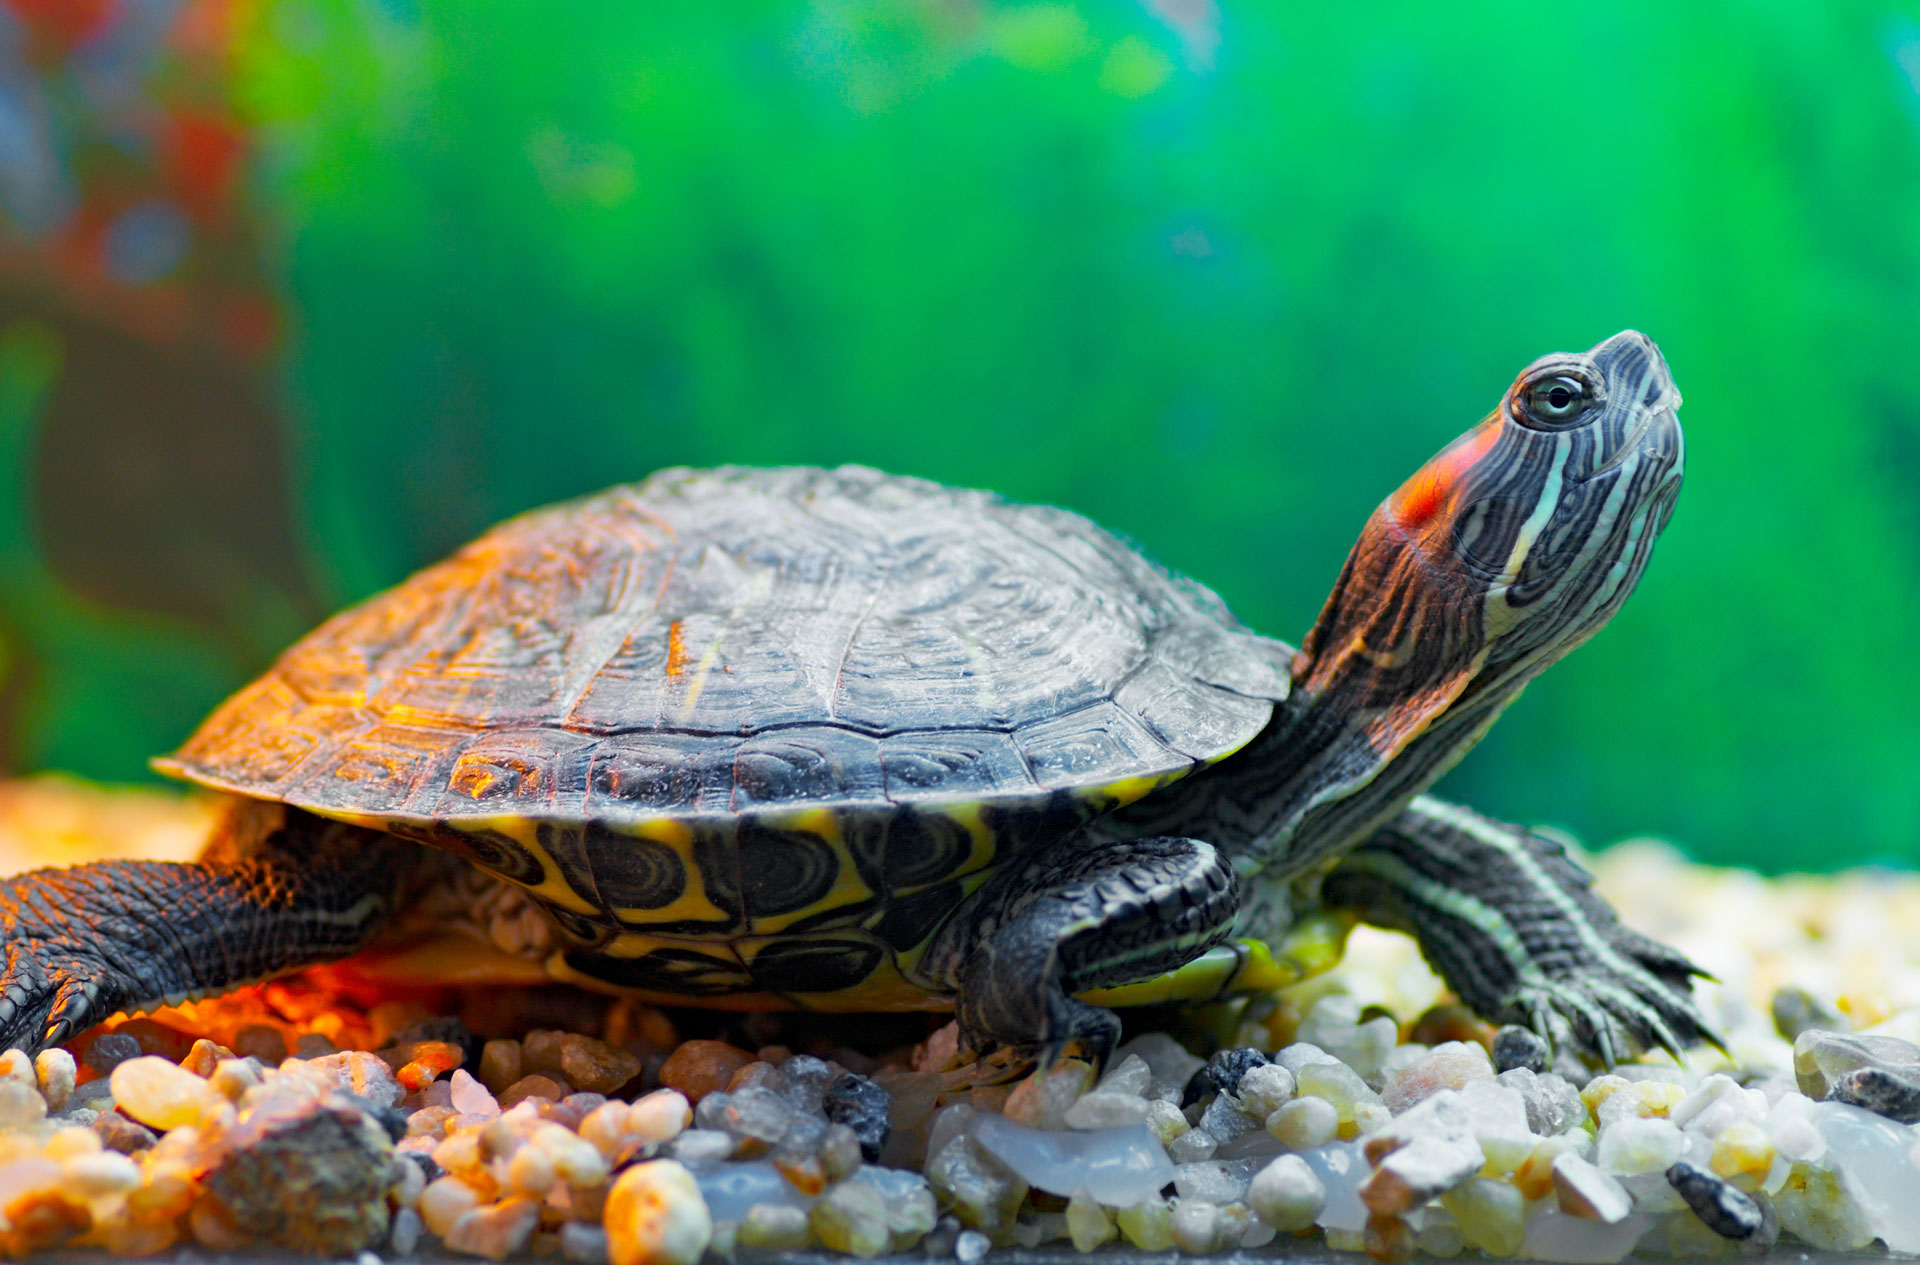 Aquatic turtle